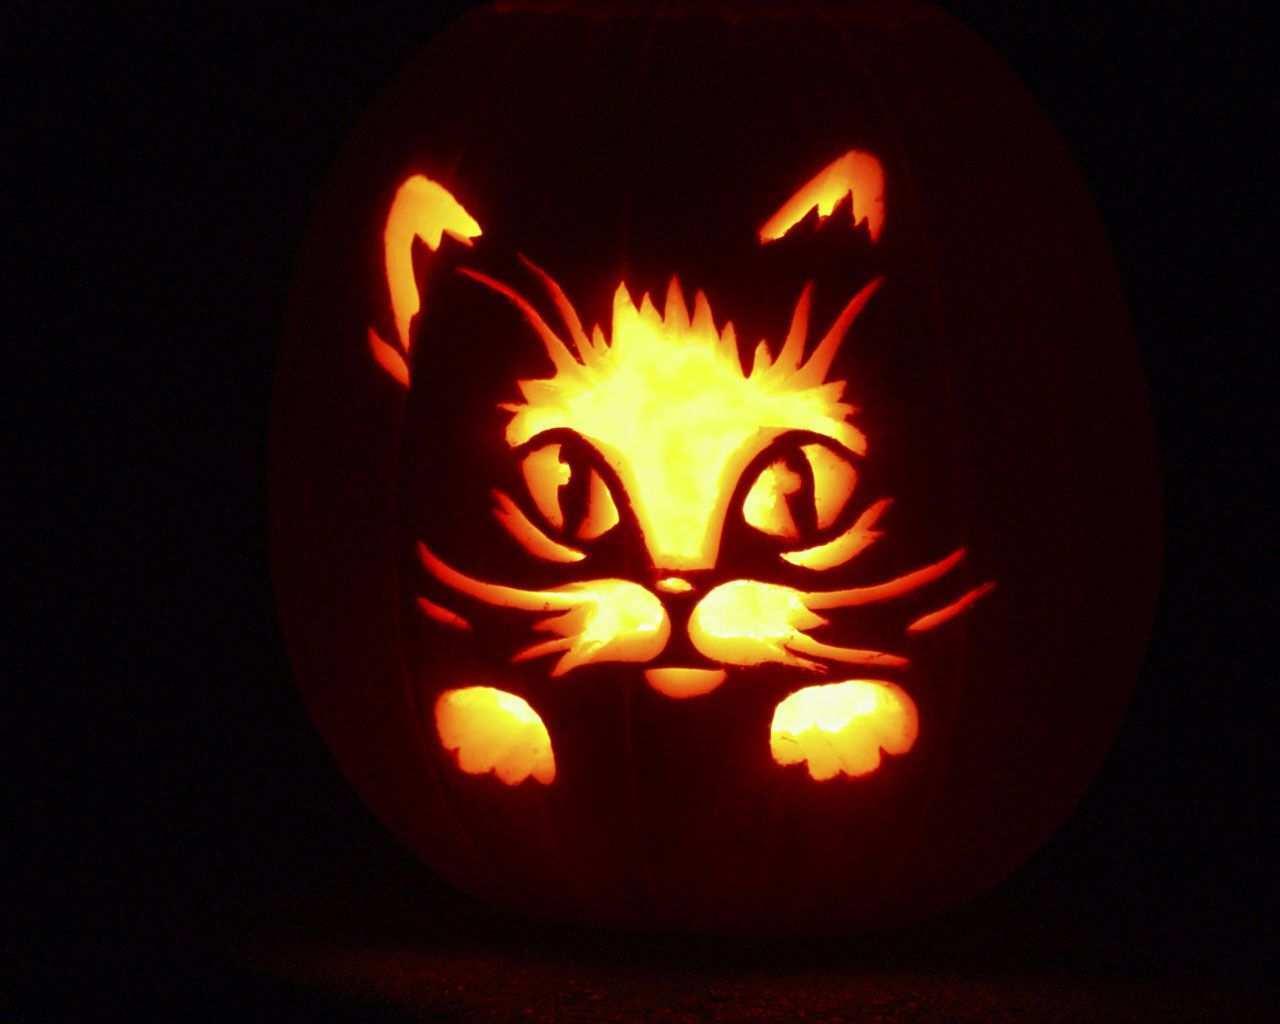 Image From Https Animalnecklaces Files Wordpress Com 2011 10 Halloween Backgrou Kurbis Schnitzen Vorlage Katze Halloween Kurbis Schnitzen Kurbisschnitzereien